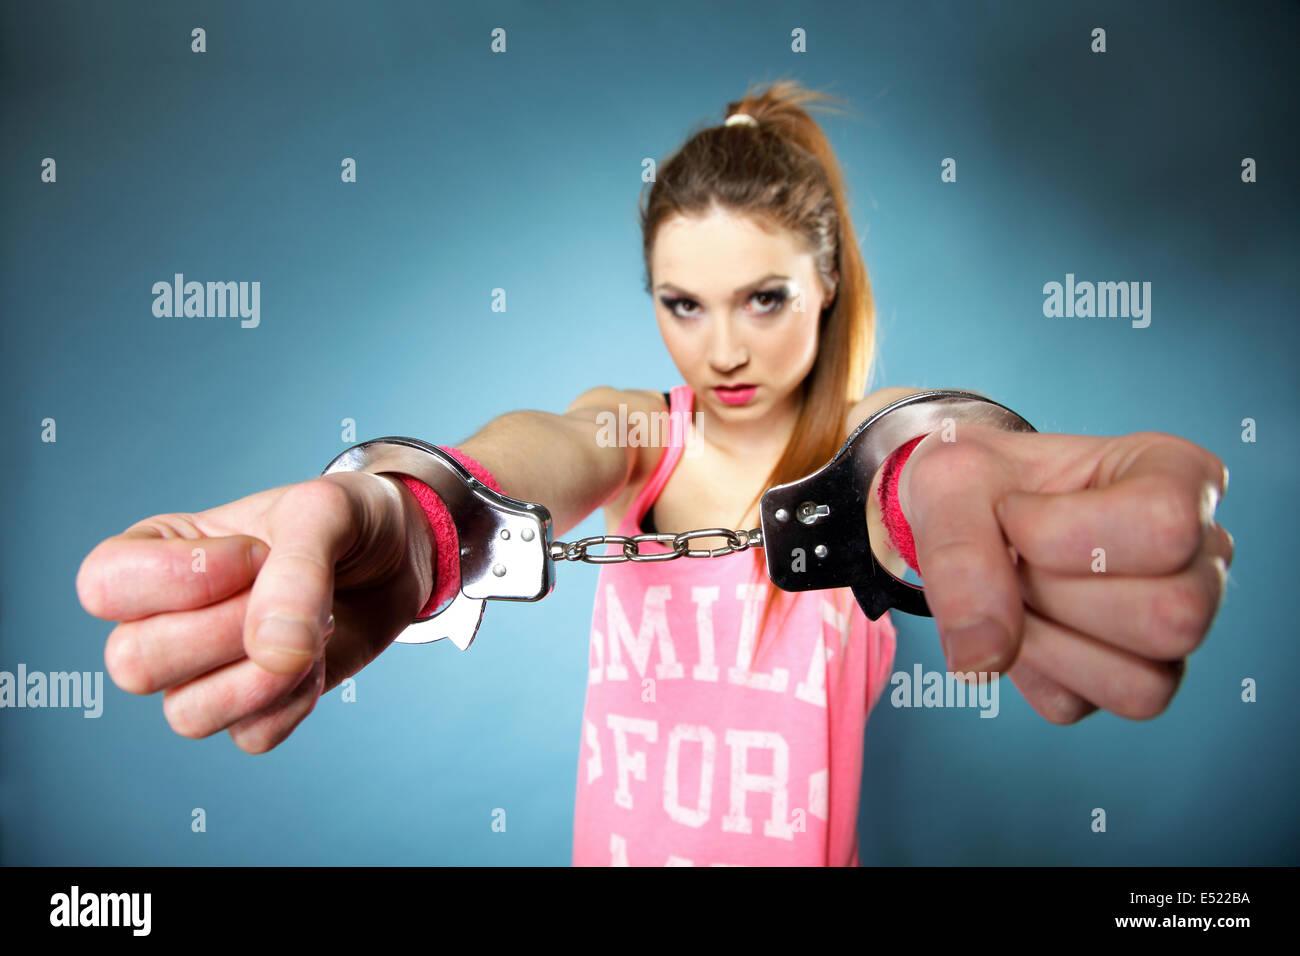 Jugendliche Mädchen in Handschellen peres aktfoto